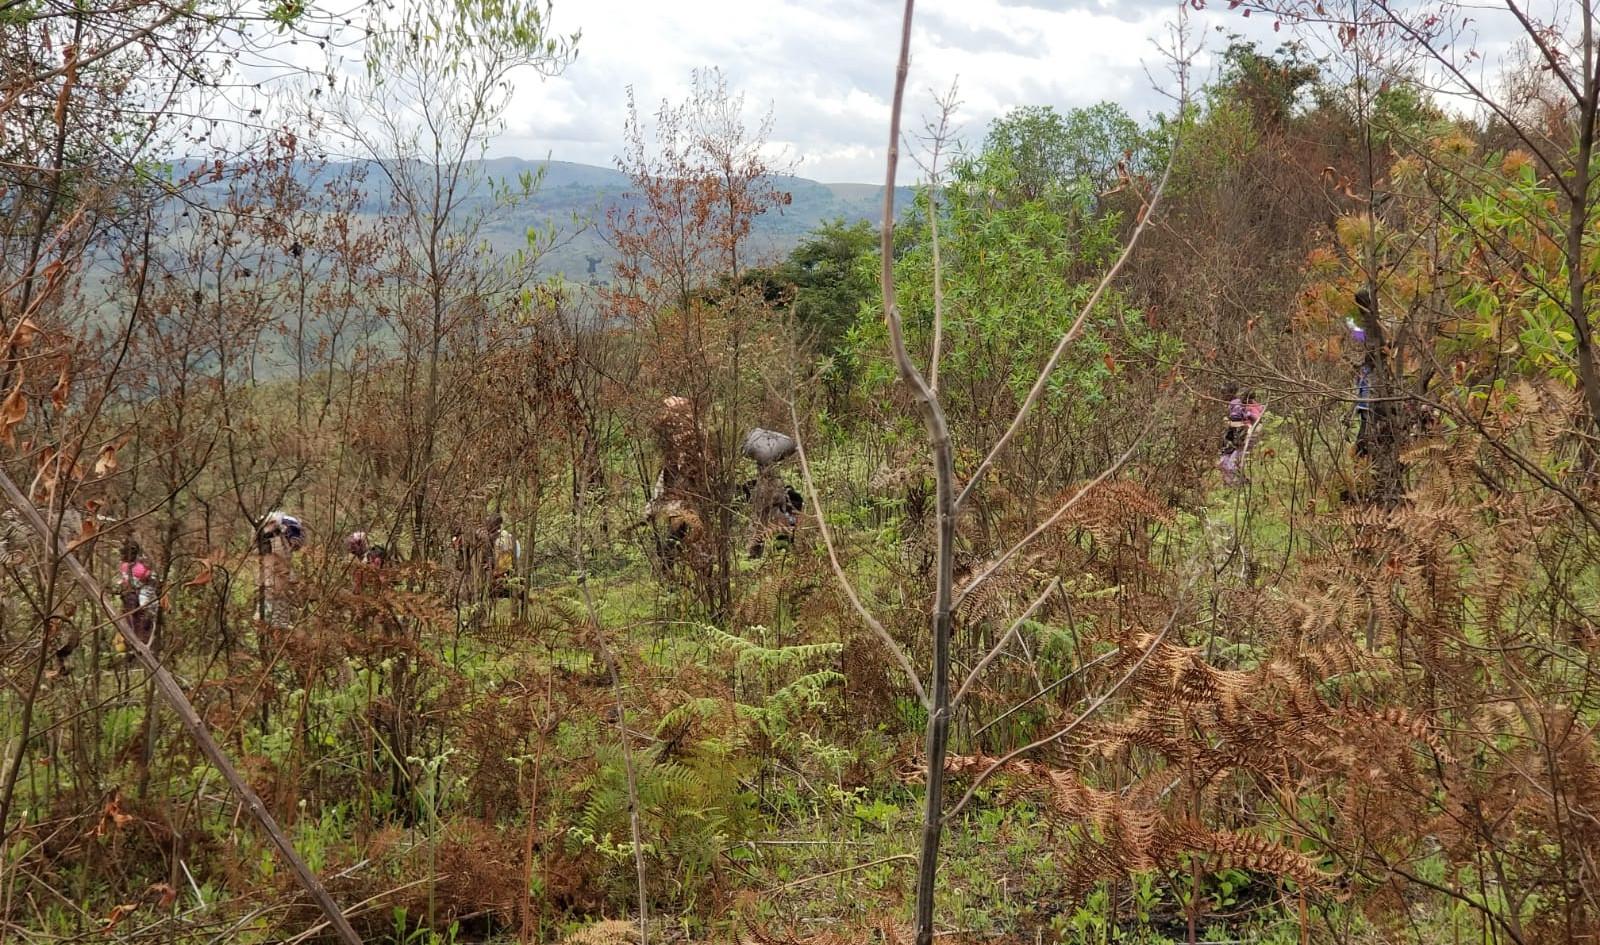 Les déplacés de guerre Banyamulenge